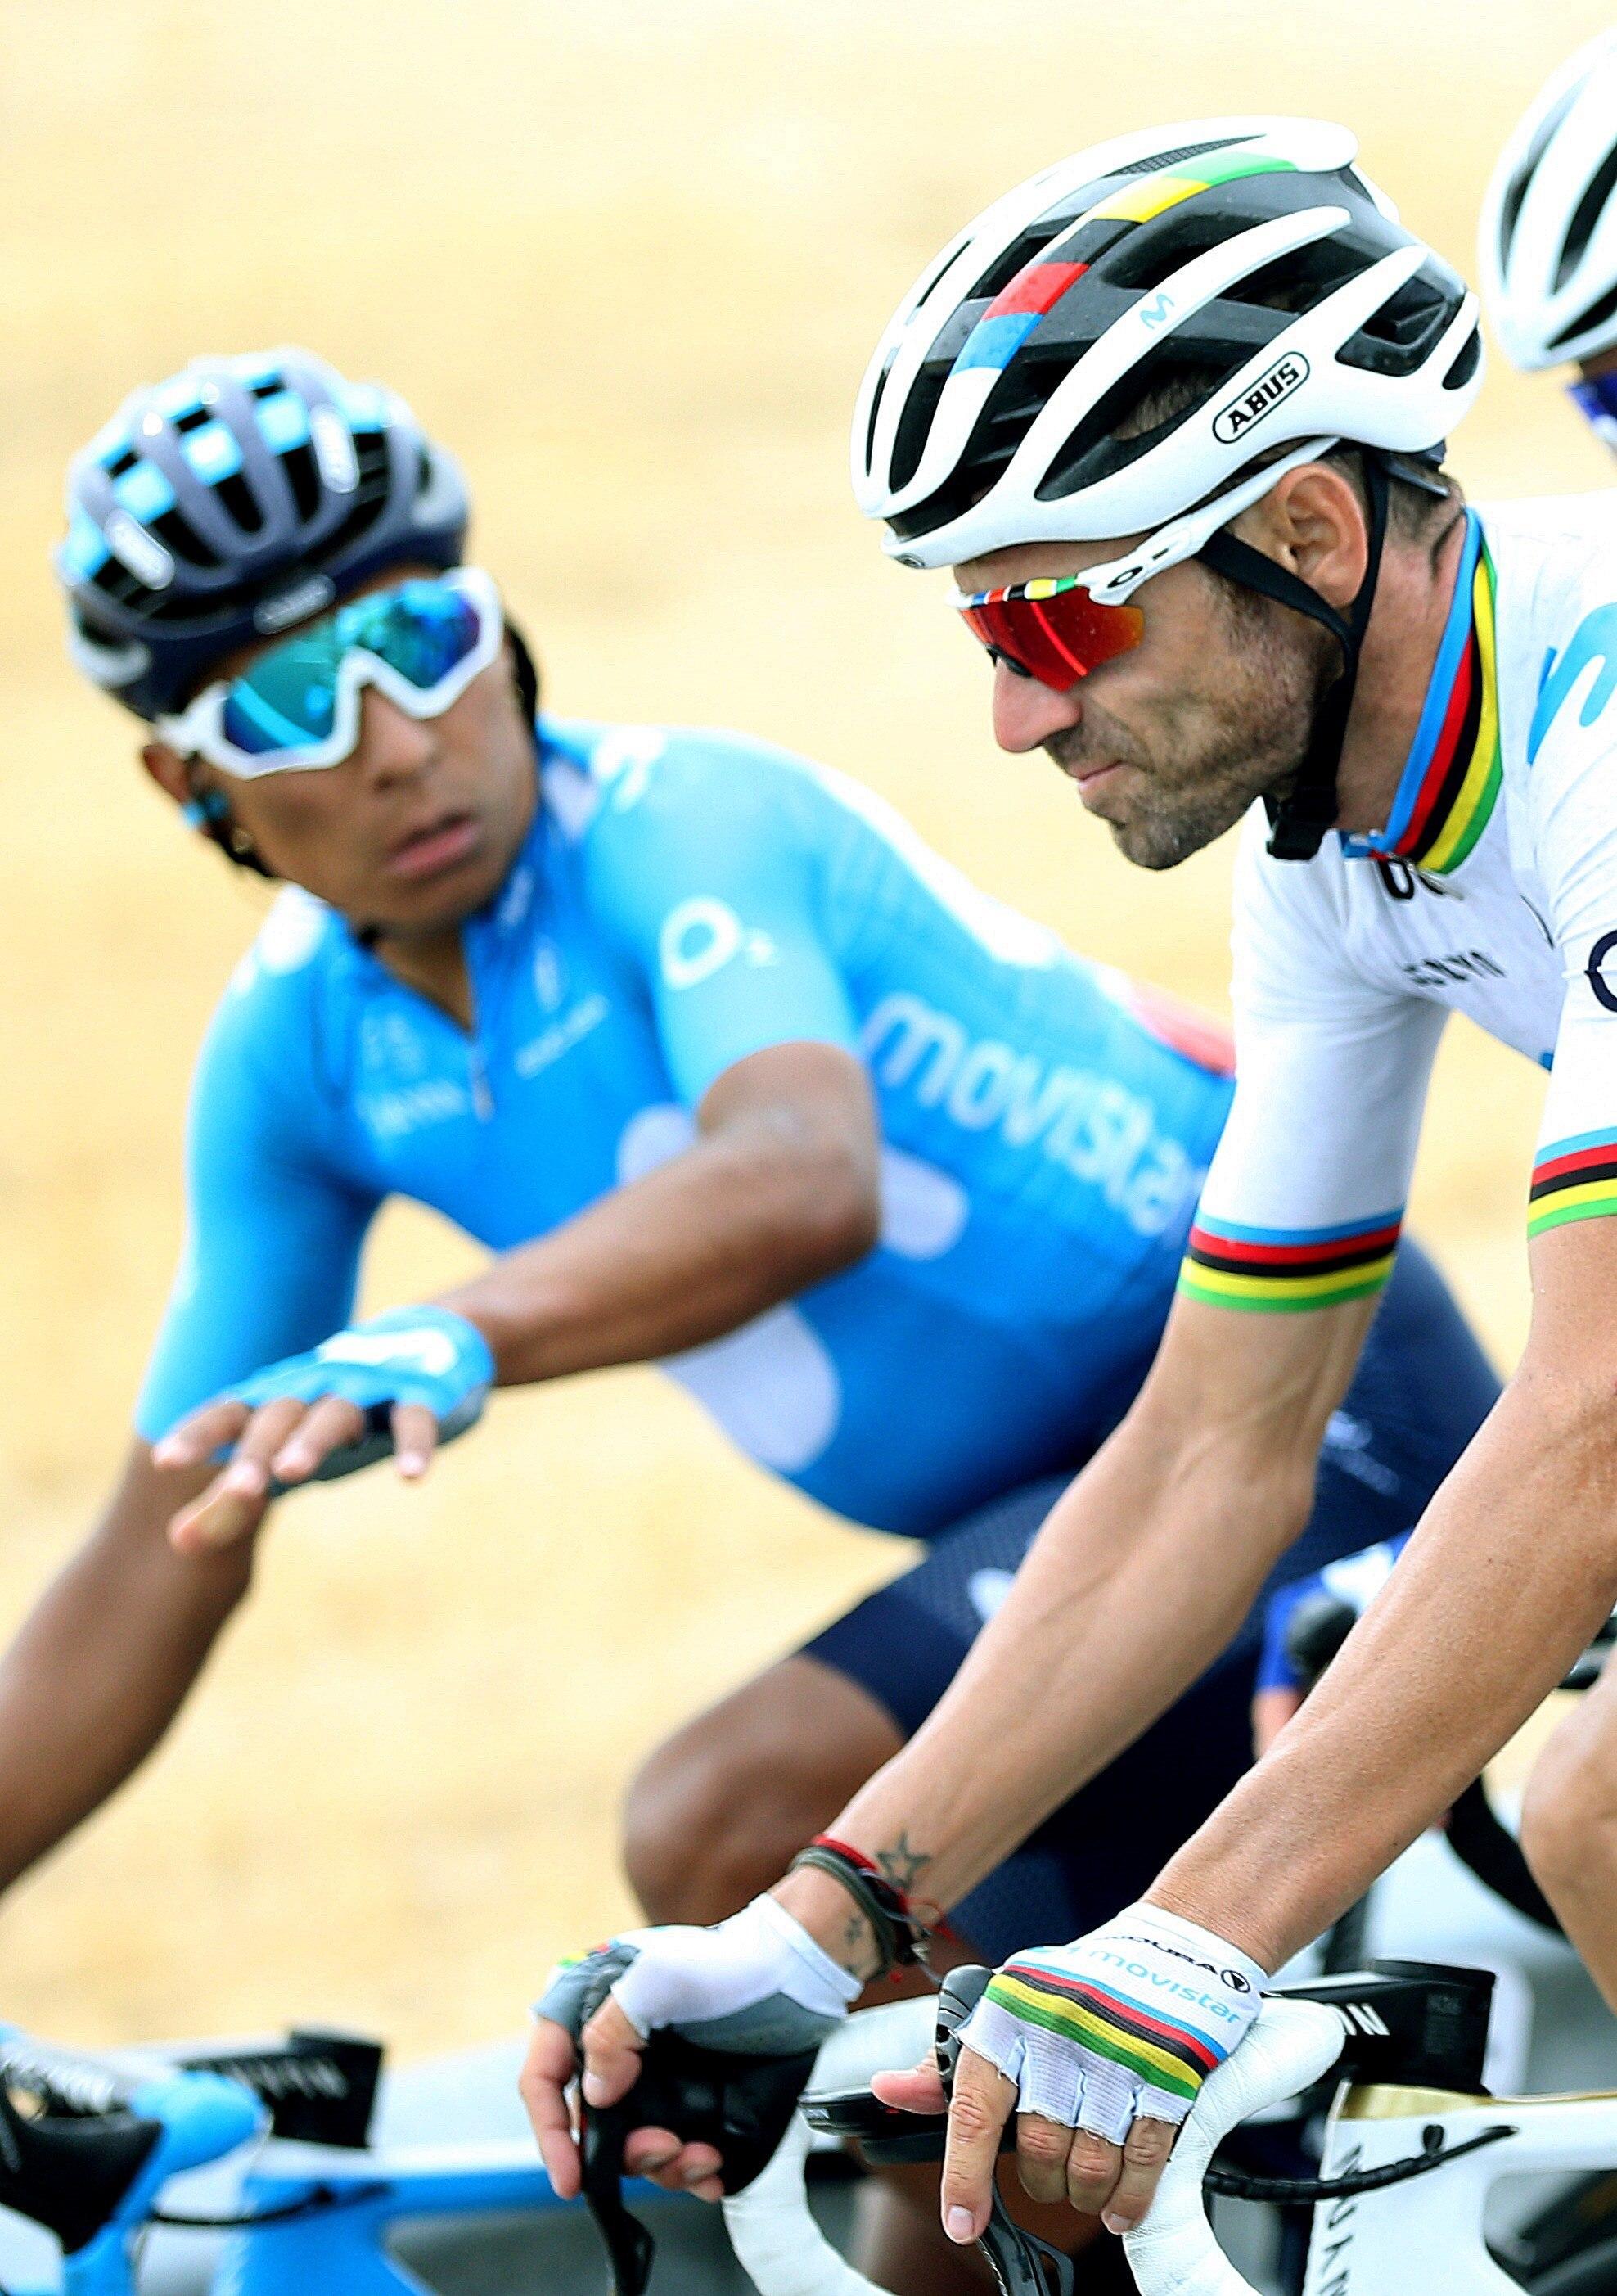 GRAF1793. ESCALONA (TOLEDO), 13/09/2019.- El ciclista español y campeón del mundo <HIT>Alejandro</HIT><HIT>Valverde</HIT> (d), del equipo Movistar, seguido de su compañero de equipo, el colombiano Nairo Quintana (d), este viernes junto al pelotón a su paso por Escalona, durante la decimonovena etapa de la Vuelta a España 2019, una travesía con salida en Ávila y meta en Toledo, que cuenta con un recorrido de 165,2 kilómetros. EFE/ Javier Lizón